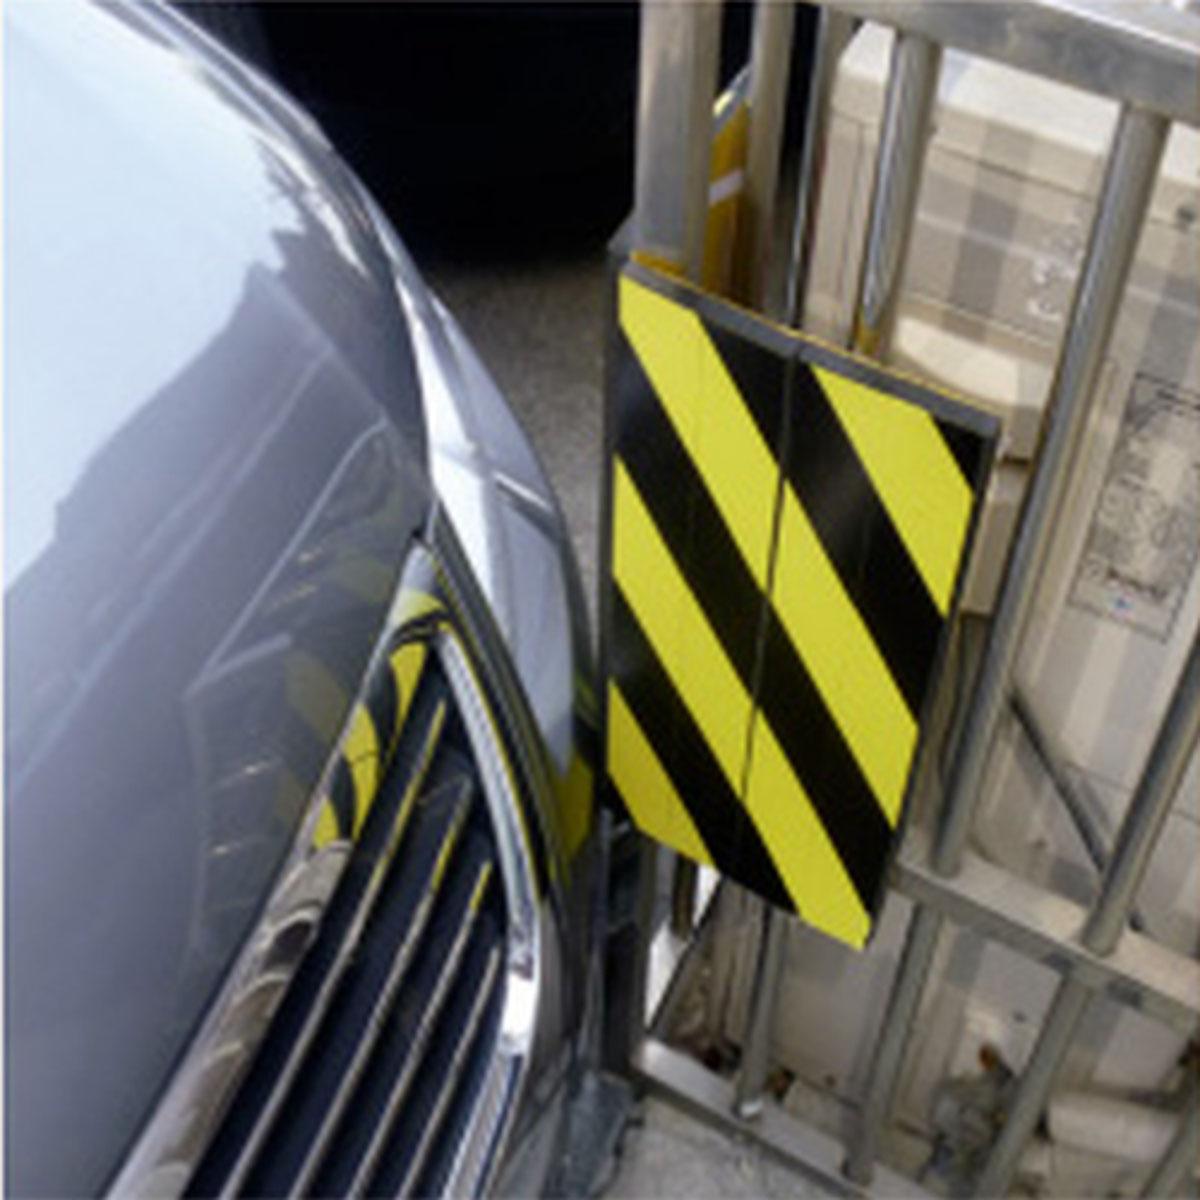 Защитный мат на самоклейке МастерПроф, с возможностью крепления на углах и колоннахАС.040003На стену, углы для защиты автомобиля при парковке. Материал: этиленвинилацетат. Защитит ваш автомобиль от царапин и сколов во время парковки. Идеальна для узких пространств и гаражей. Устанавливается на стену, колонны. Крепится на имеющийся самоклеющийся слой. Размеры: 33 x 20 x 1 см. Размеры упаковки: 38,5 x 22,5 x 2 см.